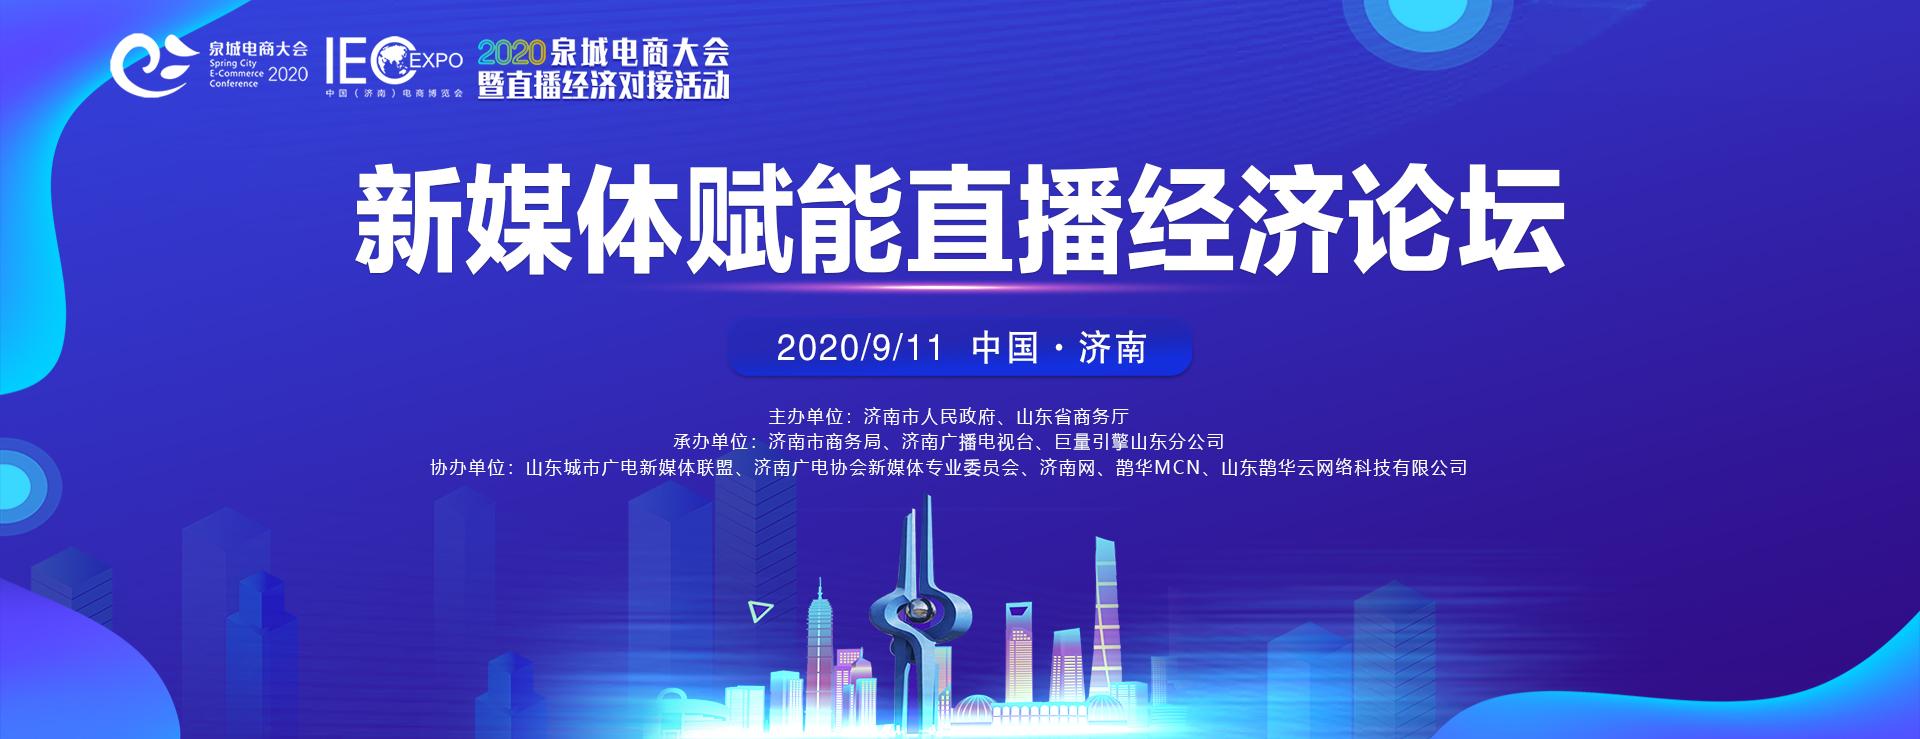 2020泉城电商大会 新媒体赋能直播经济论坛